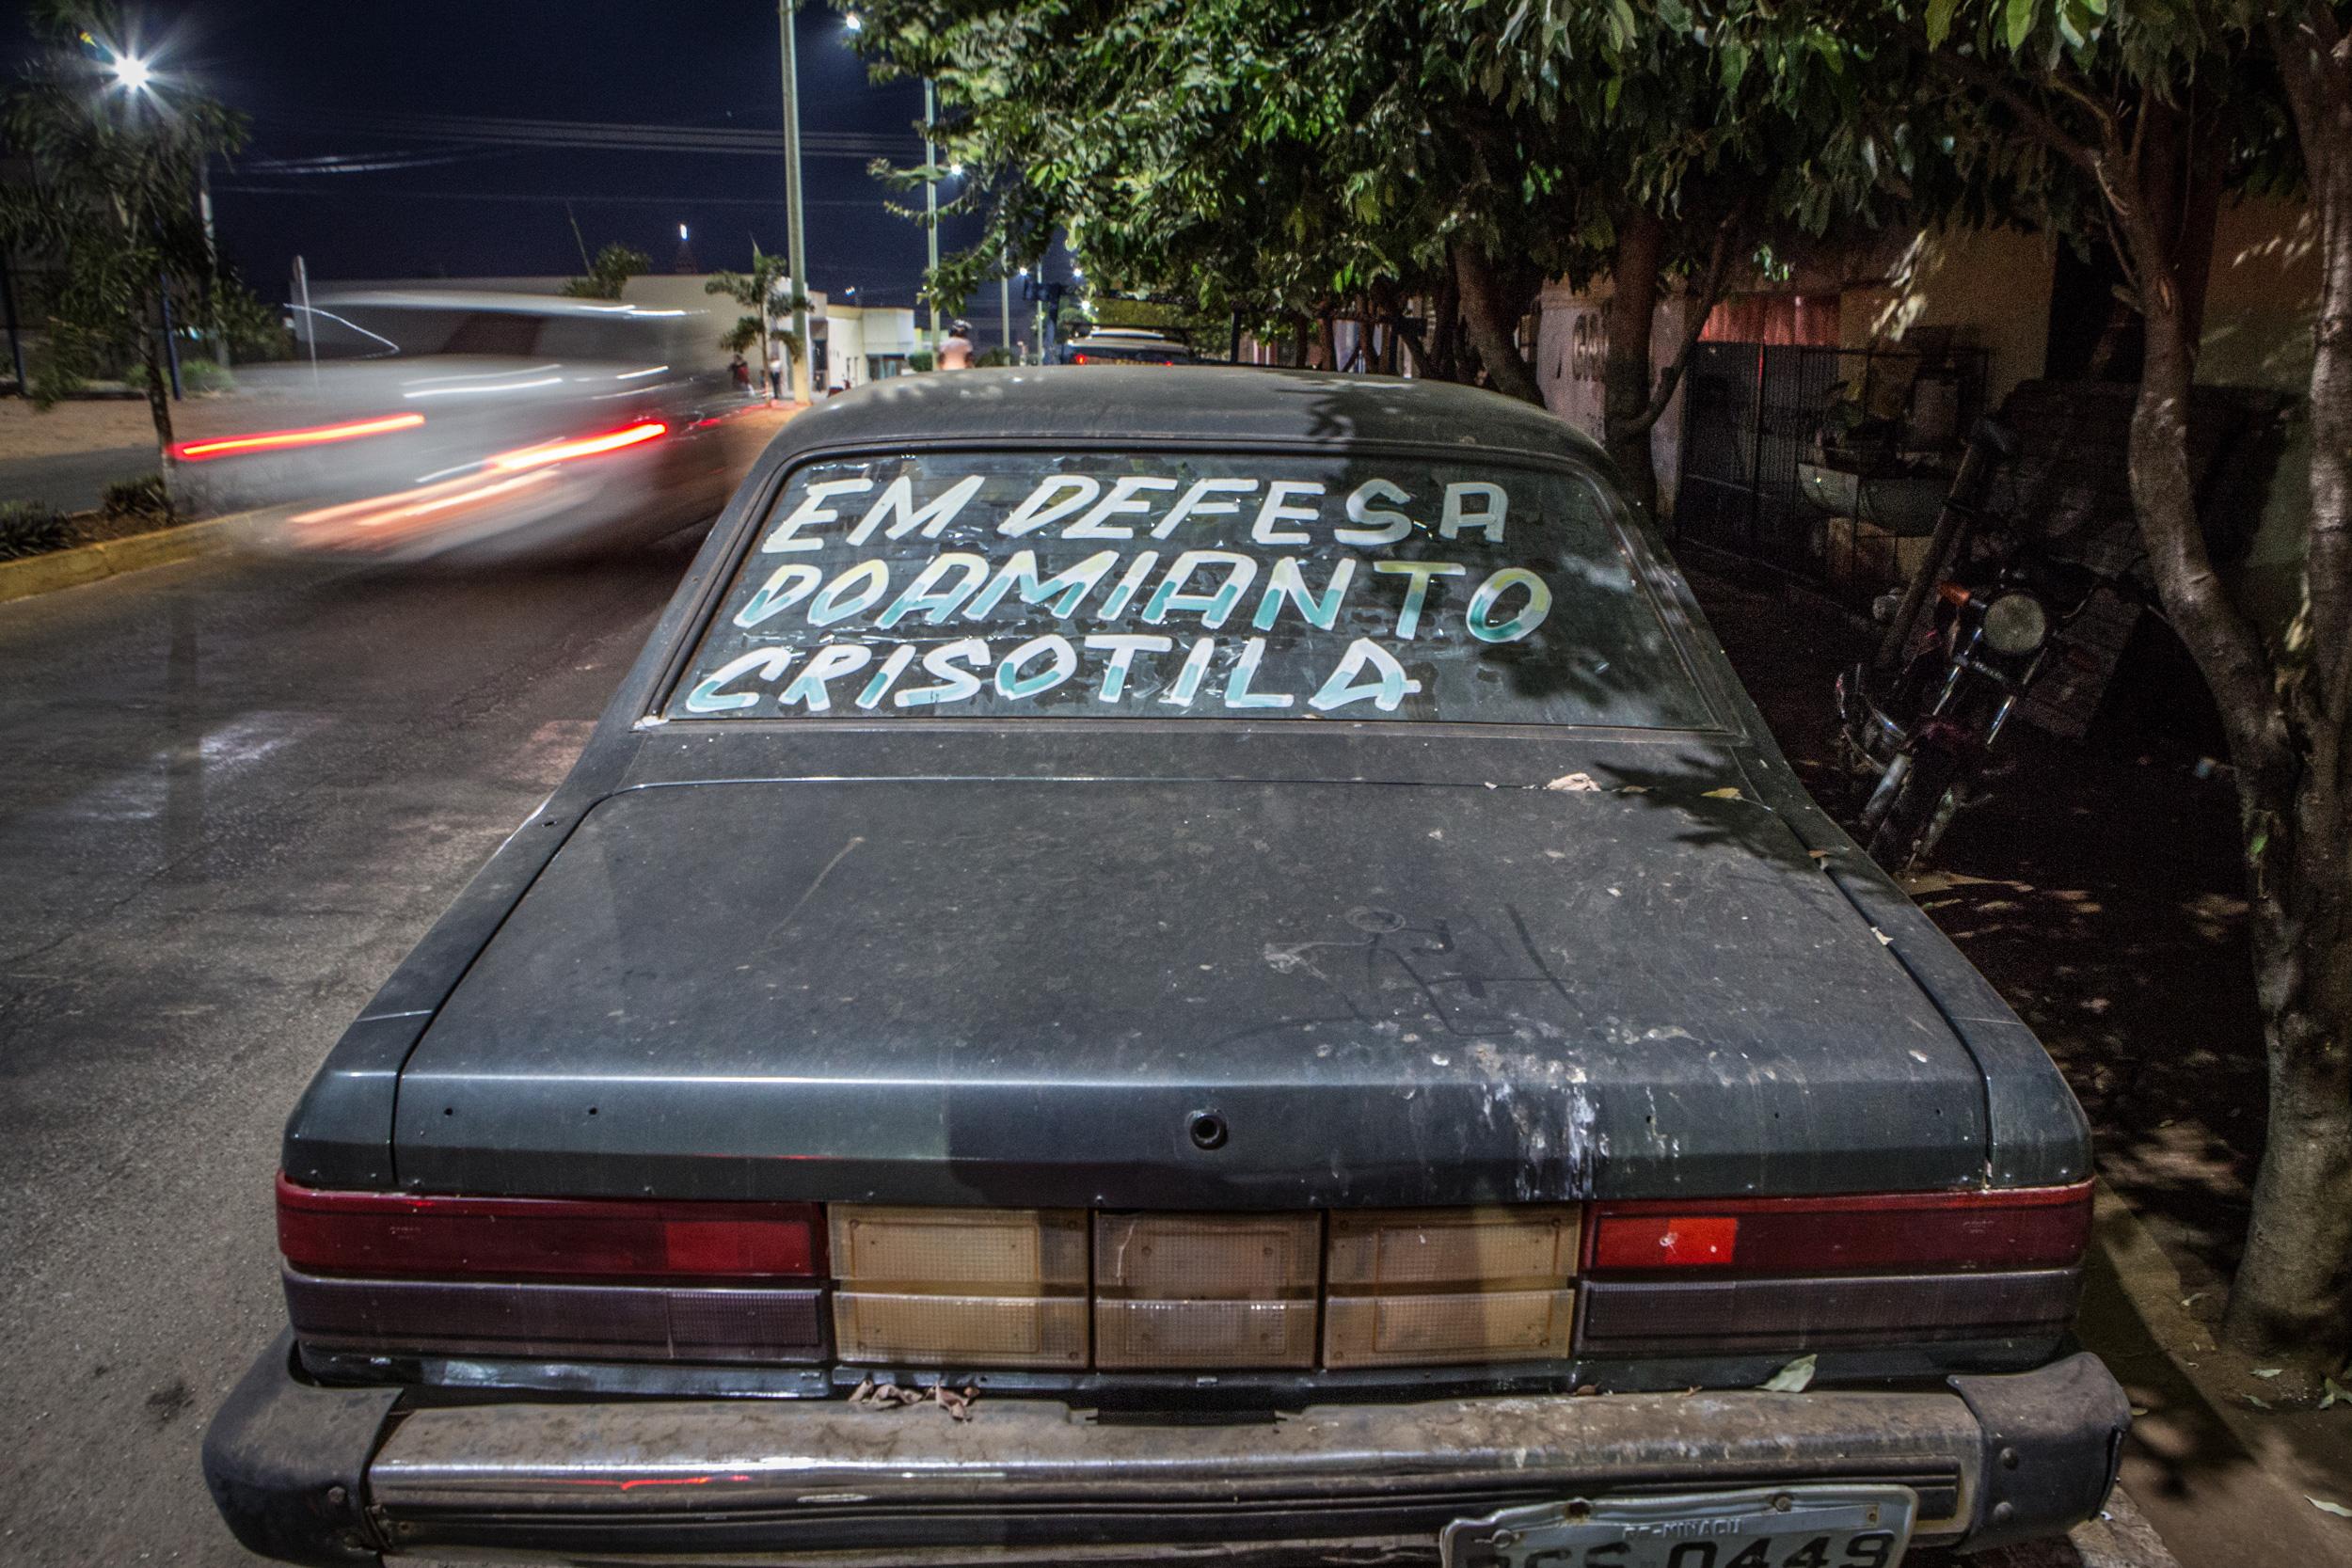 Carro em rua da cidade goiana de Minaçú, com inscrições de apoio a mineração de amianto. A cidade é sede da mineradora Sama, que produz amianto há decadas na região.